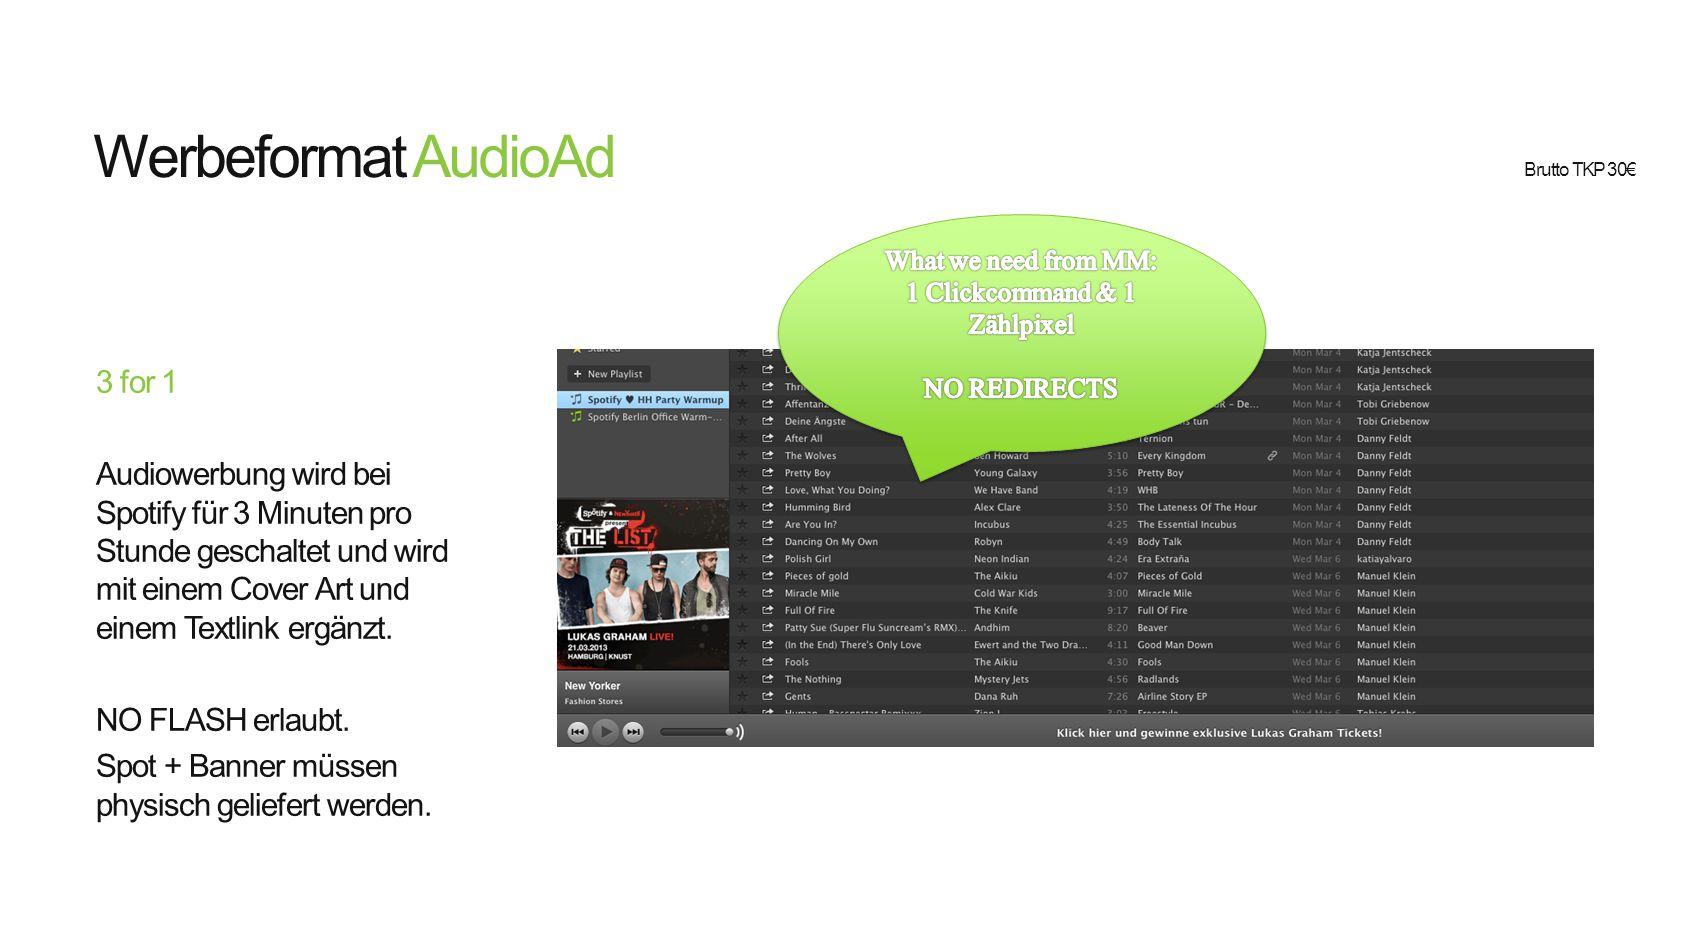 Werbeformat AudioAd 3 for 1 Audiowerbung wird bei Spotify für 3 Minuten pro Stunde geschaltet und wird mit einem Cover Art und einem Textlink ergänzt.